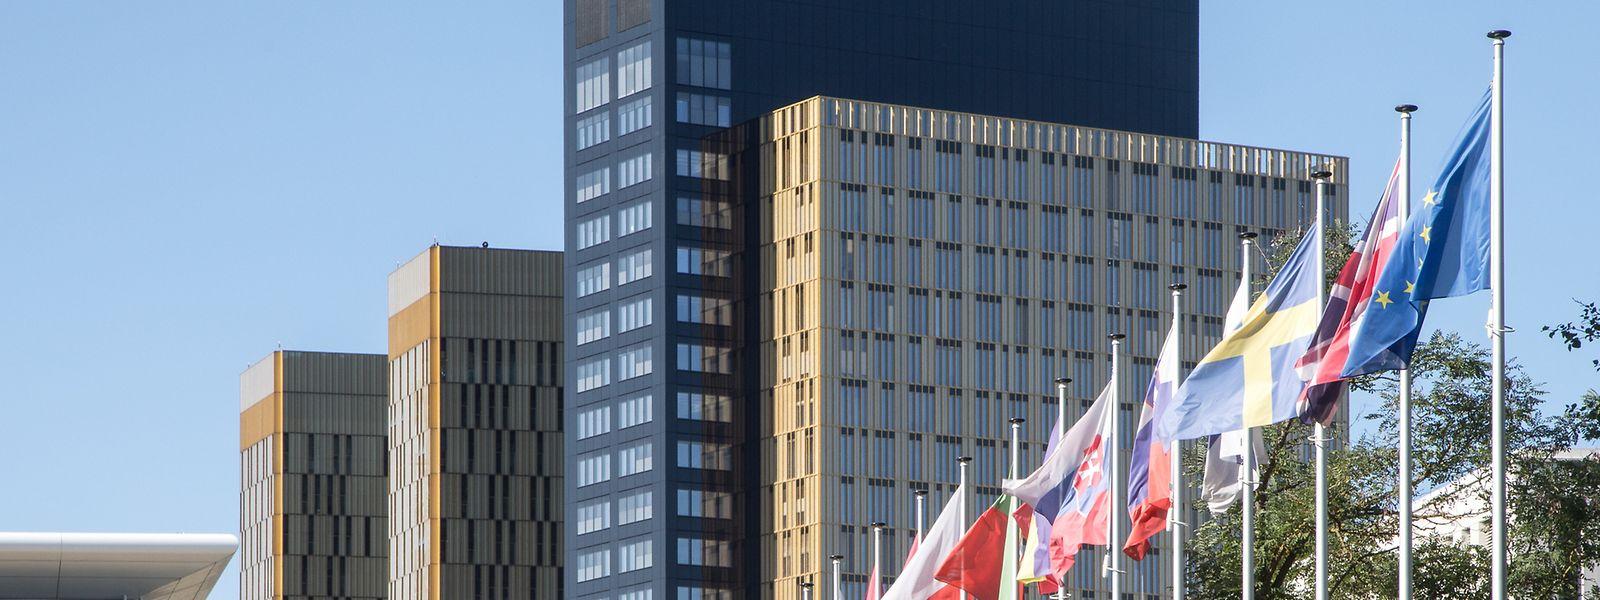 La dernière extension de la Cour de justice est aussi la plus haute: 115 mètres.